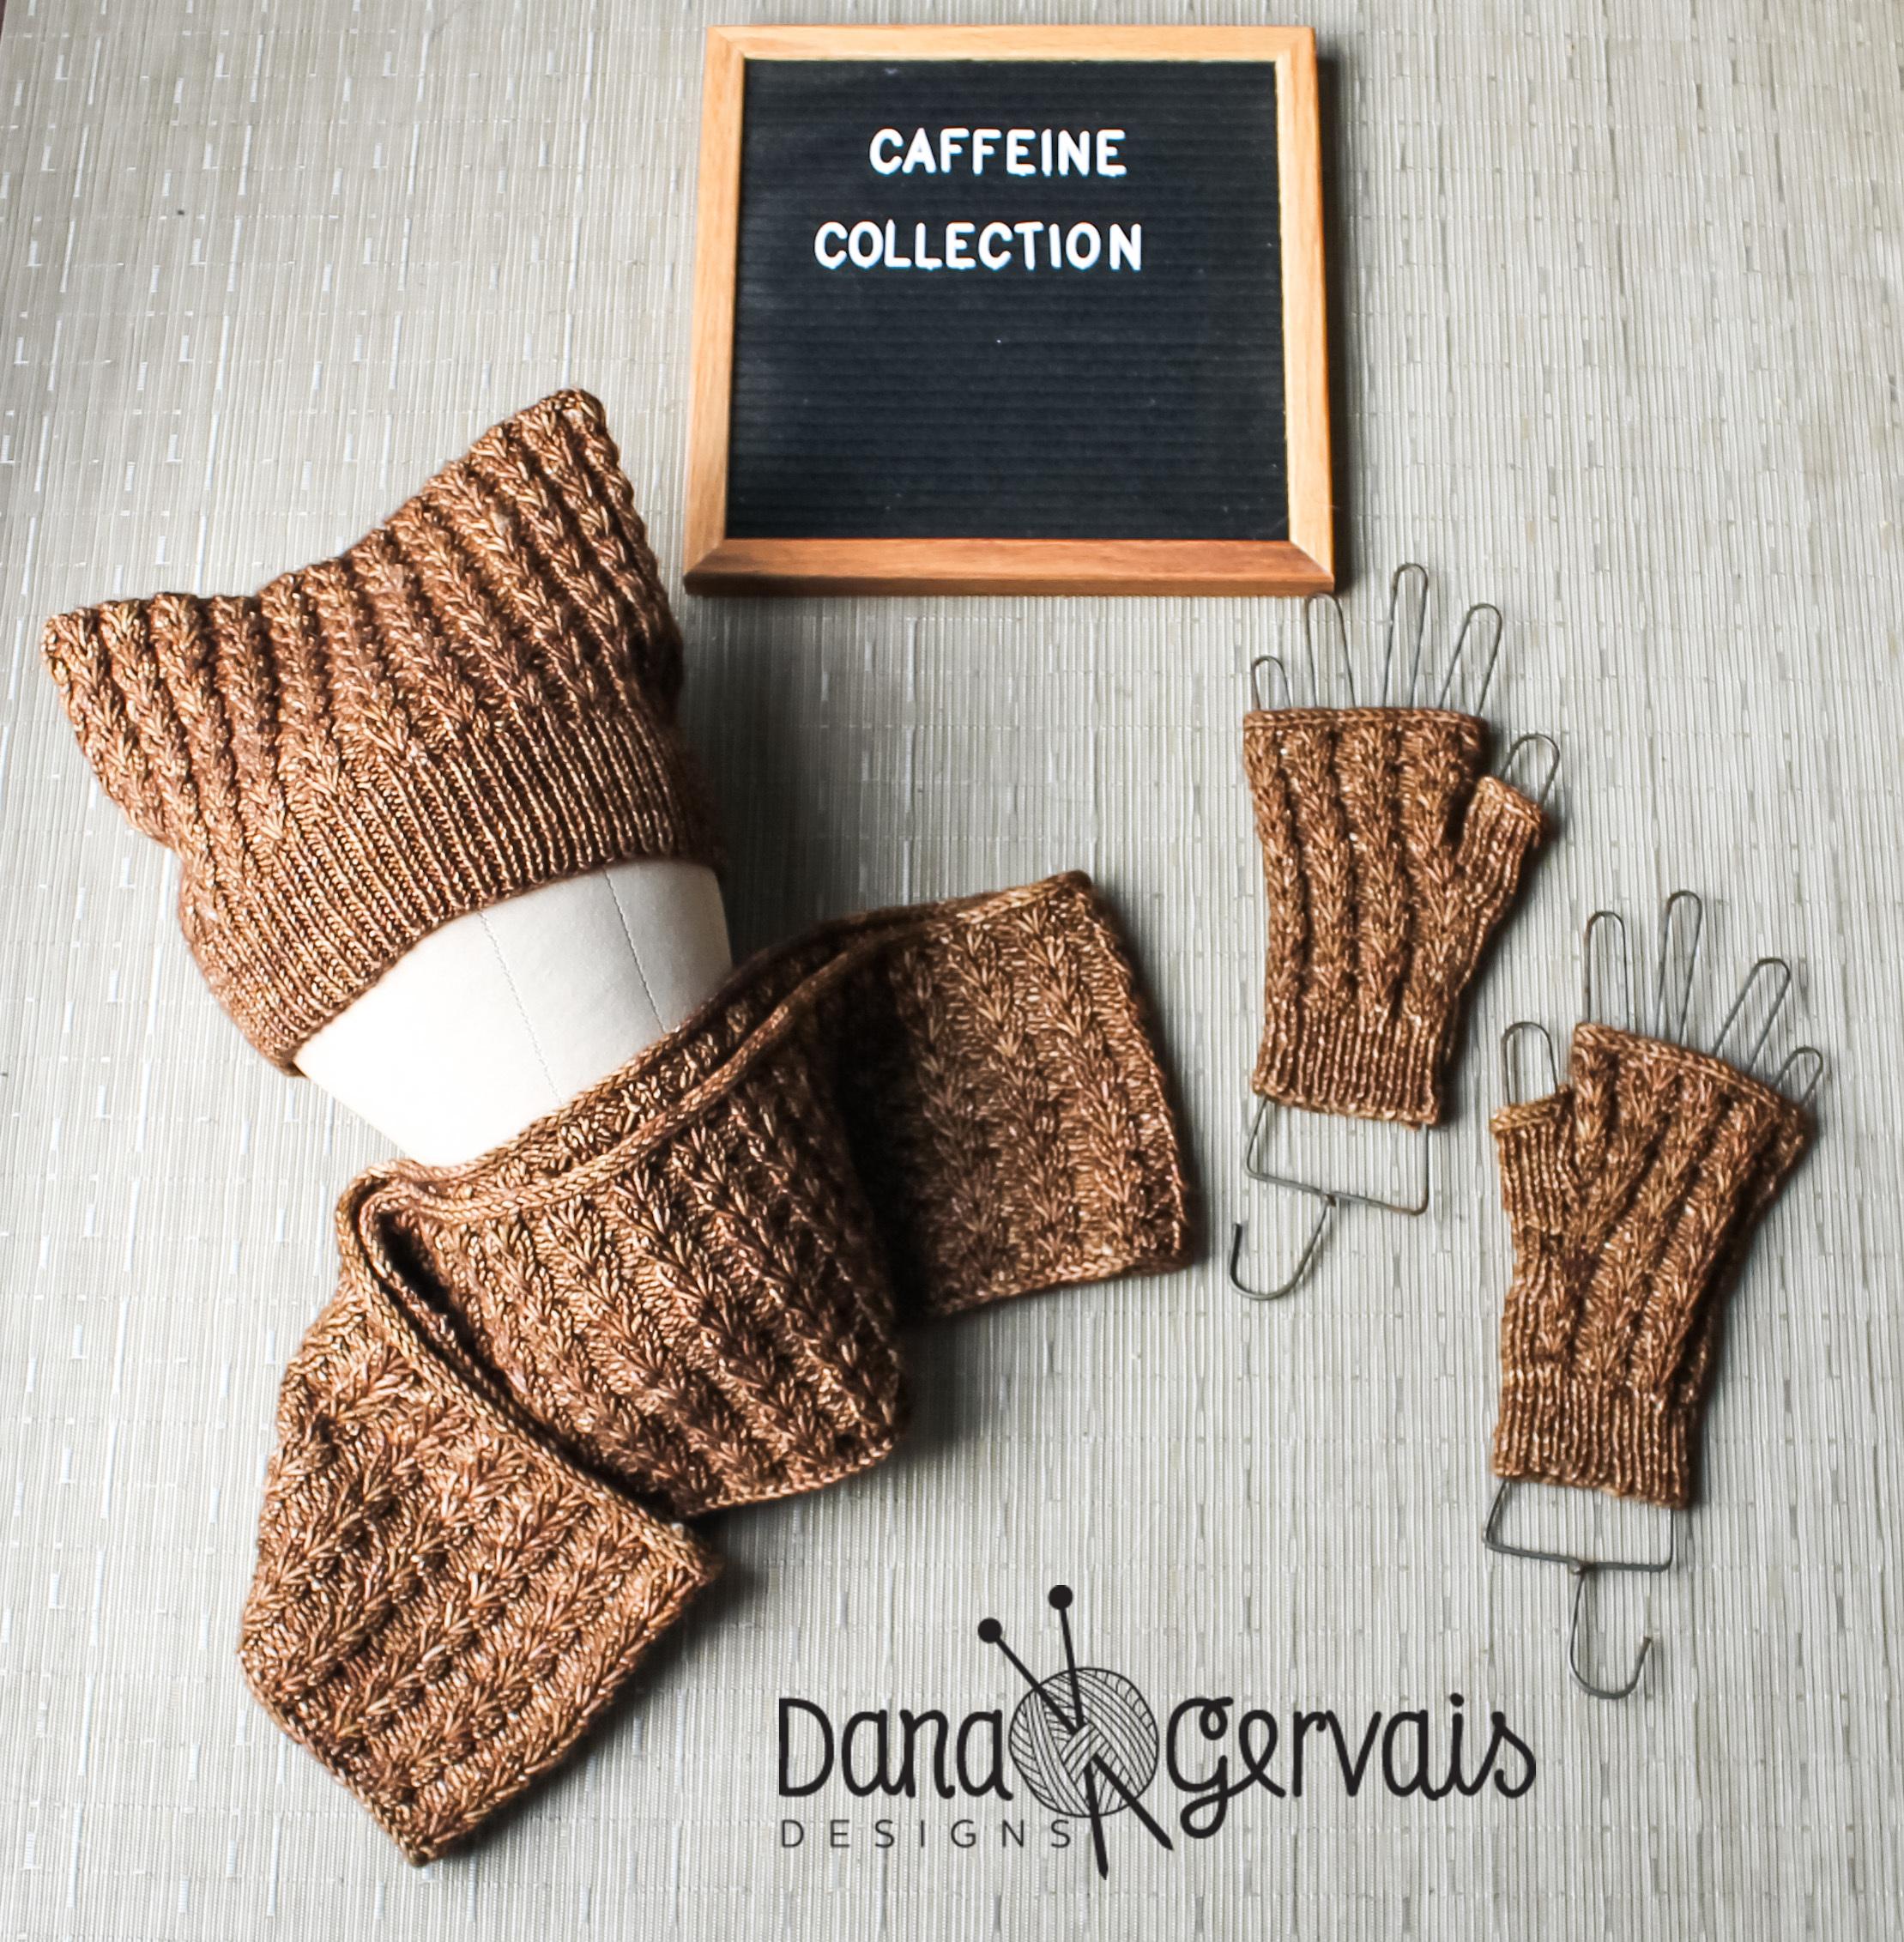 caffeine collection 3 (2).jpg